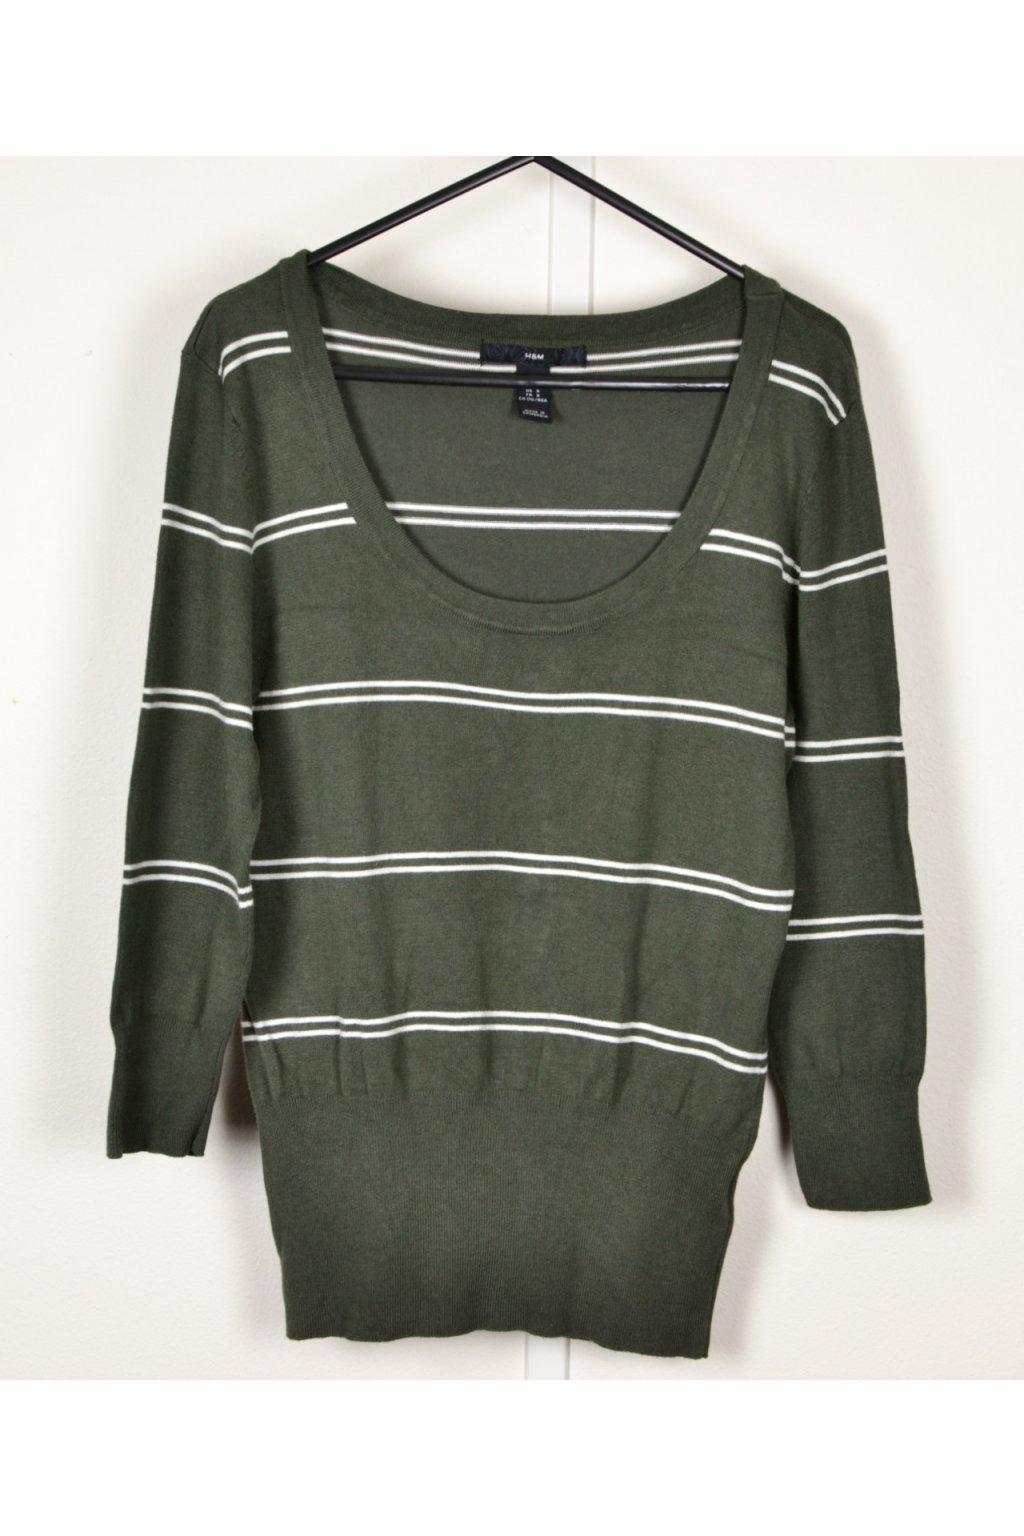 Svetr H&M vel S/38 zelený - khaki